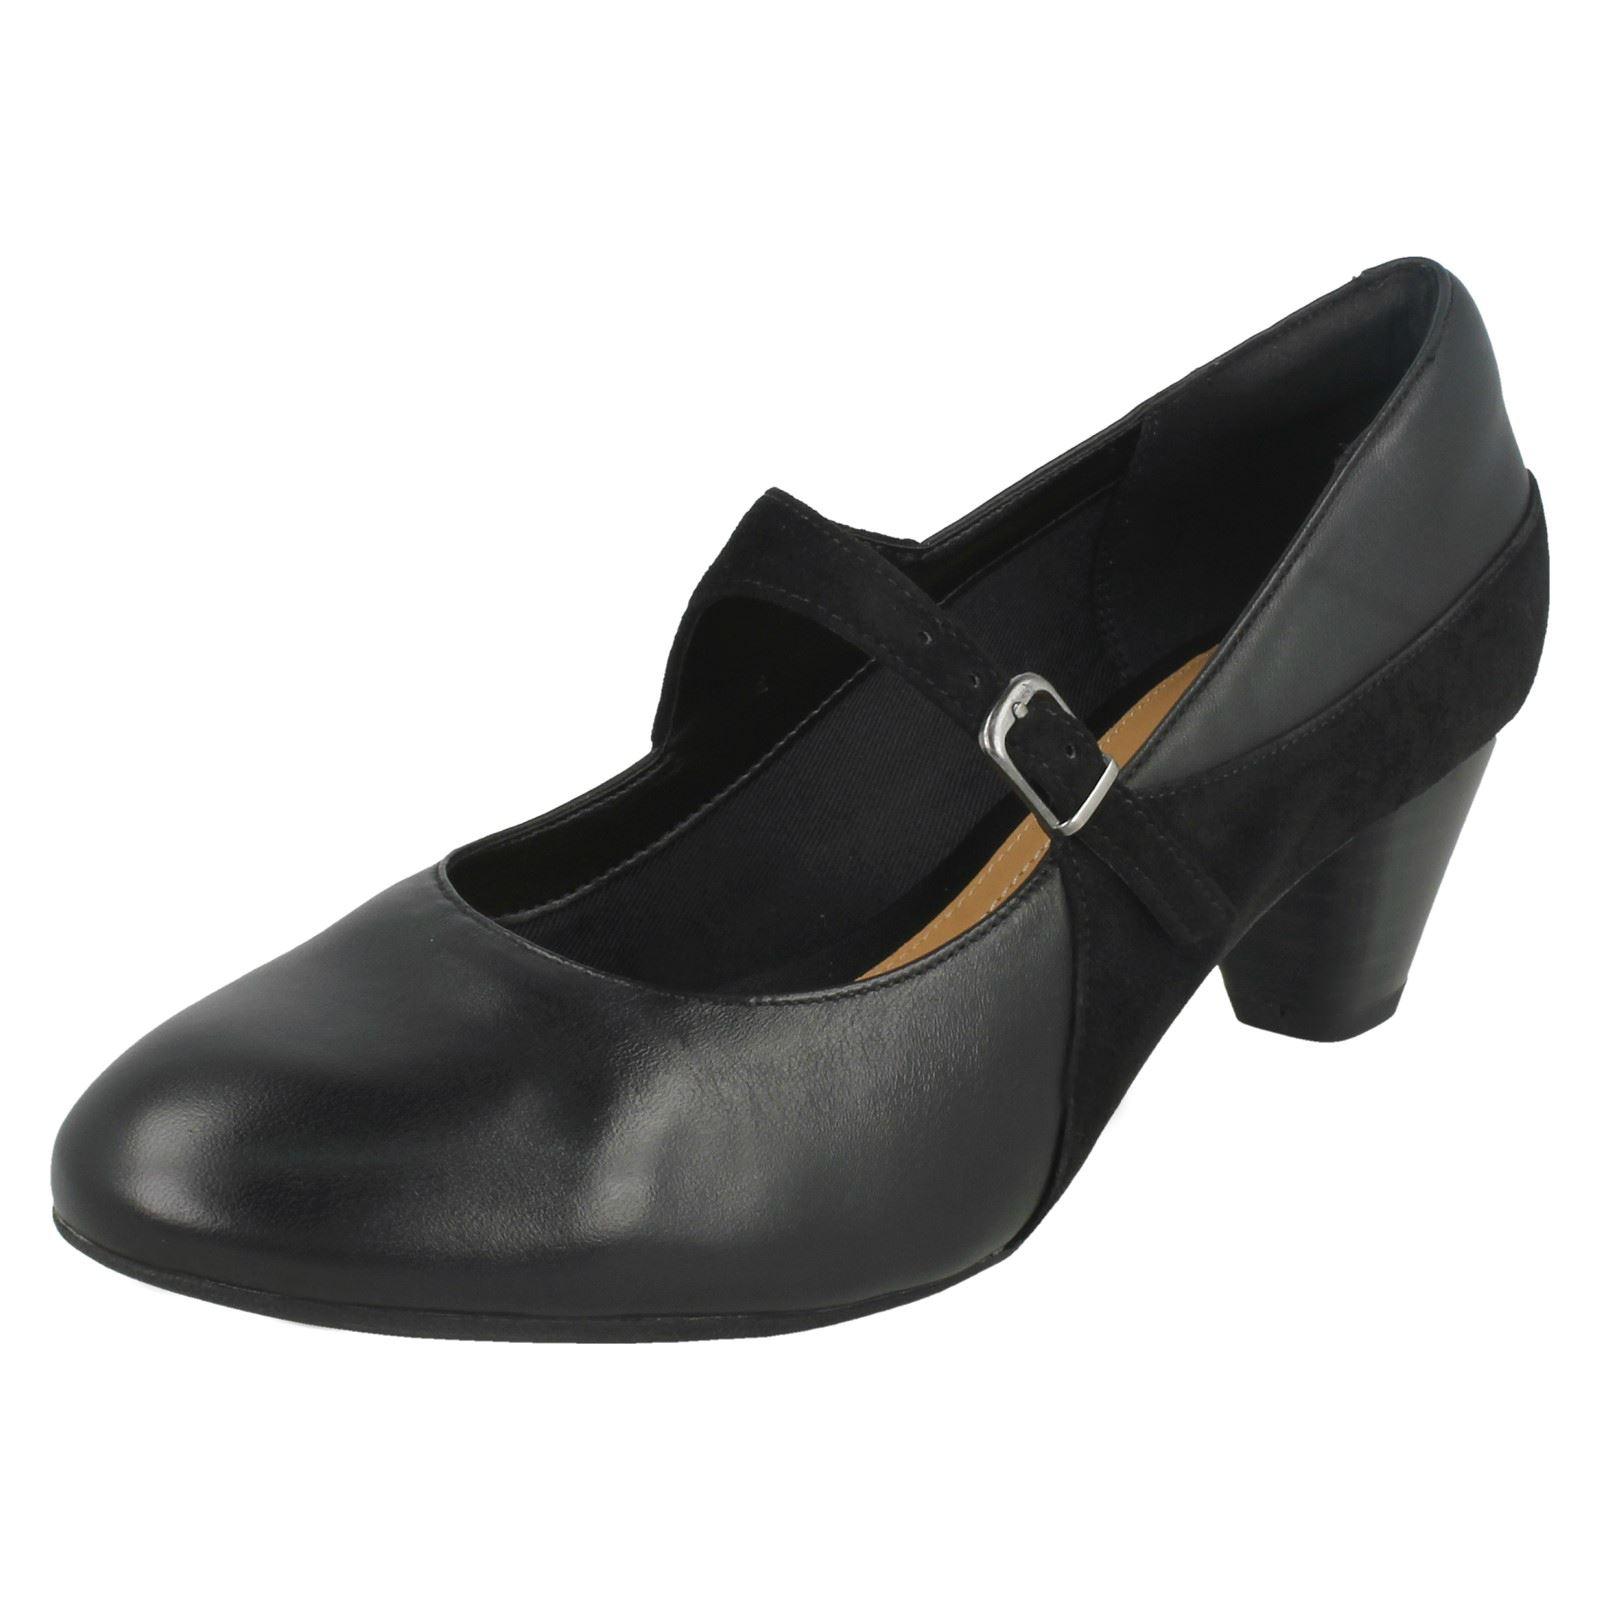 Sandali Donna Clarks Scarpe Eleganti Formali Fibbia DENNY Bradford